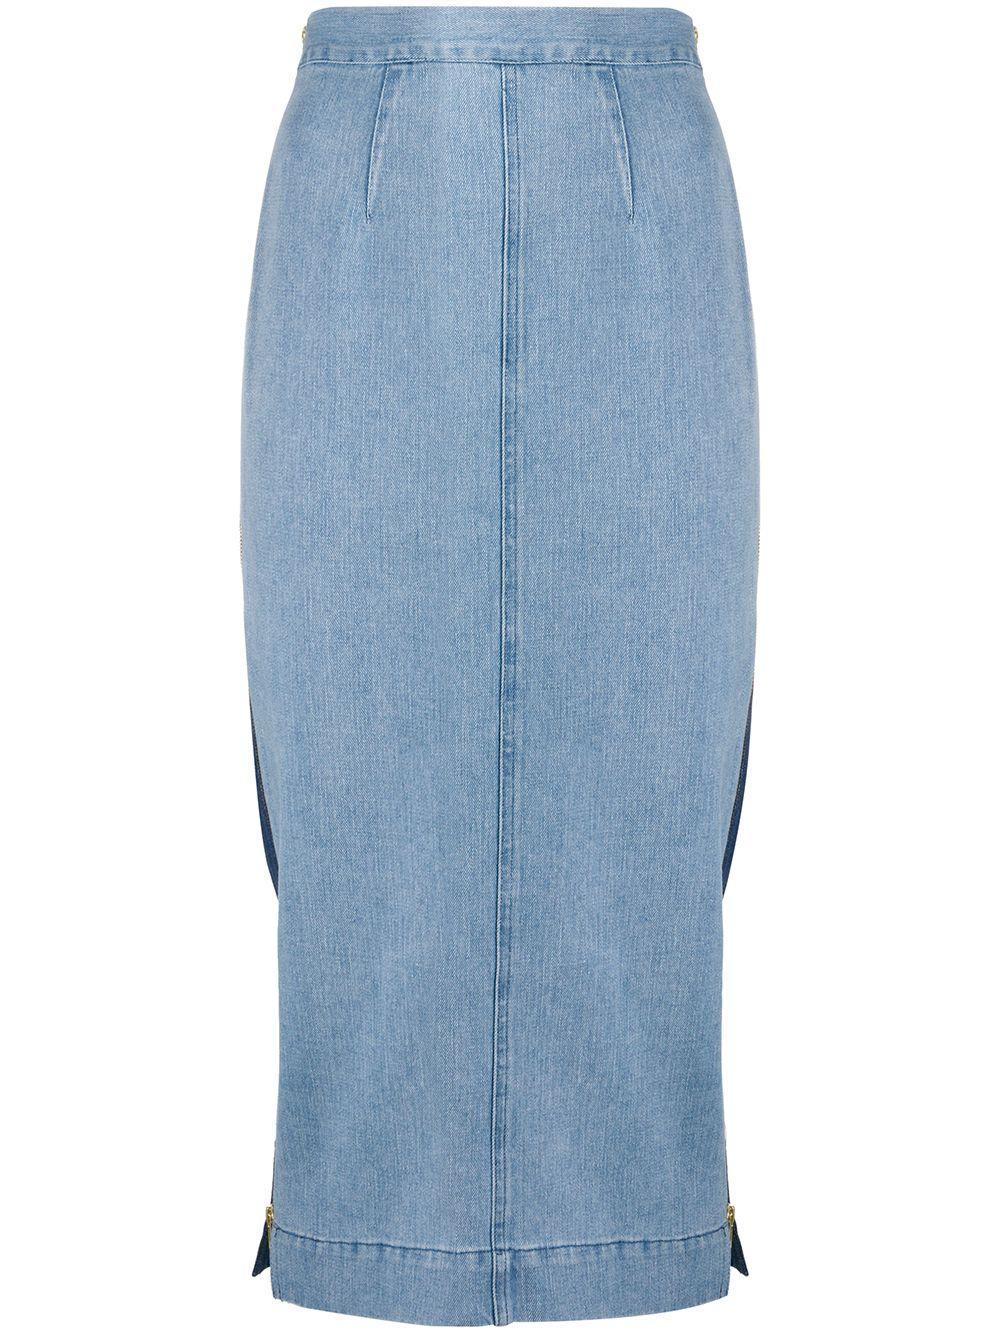 Mara Hoffman джинсовая юбка Uma